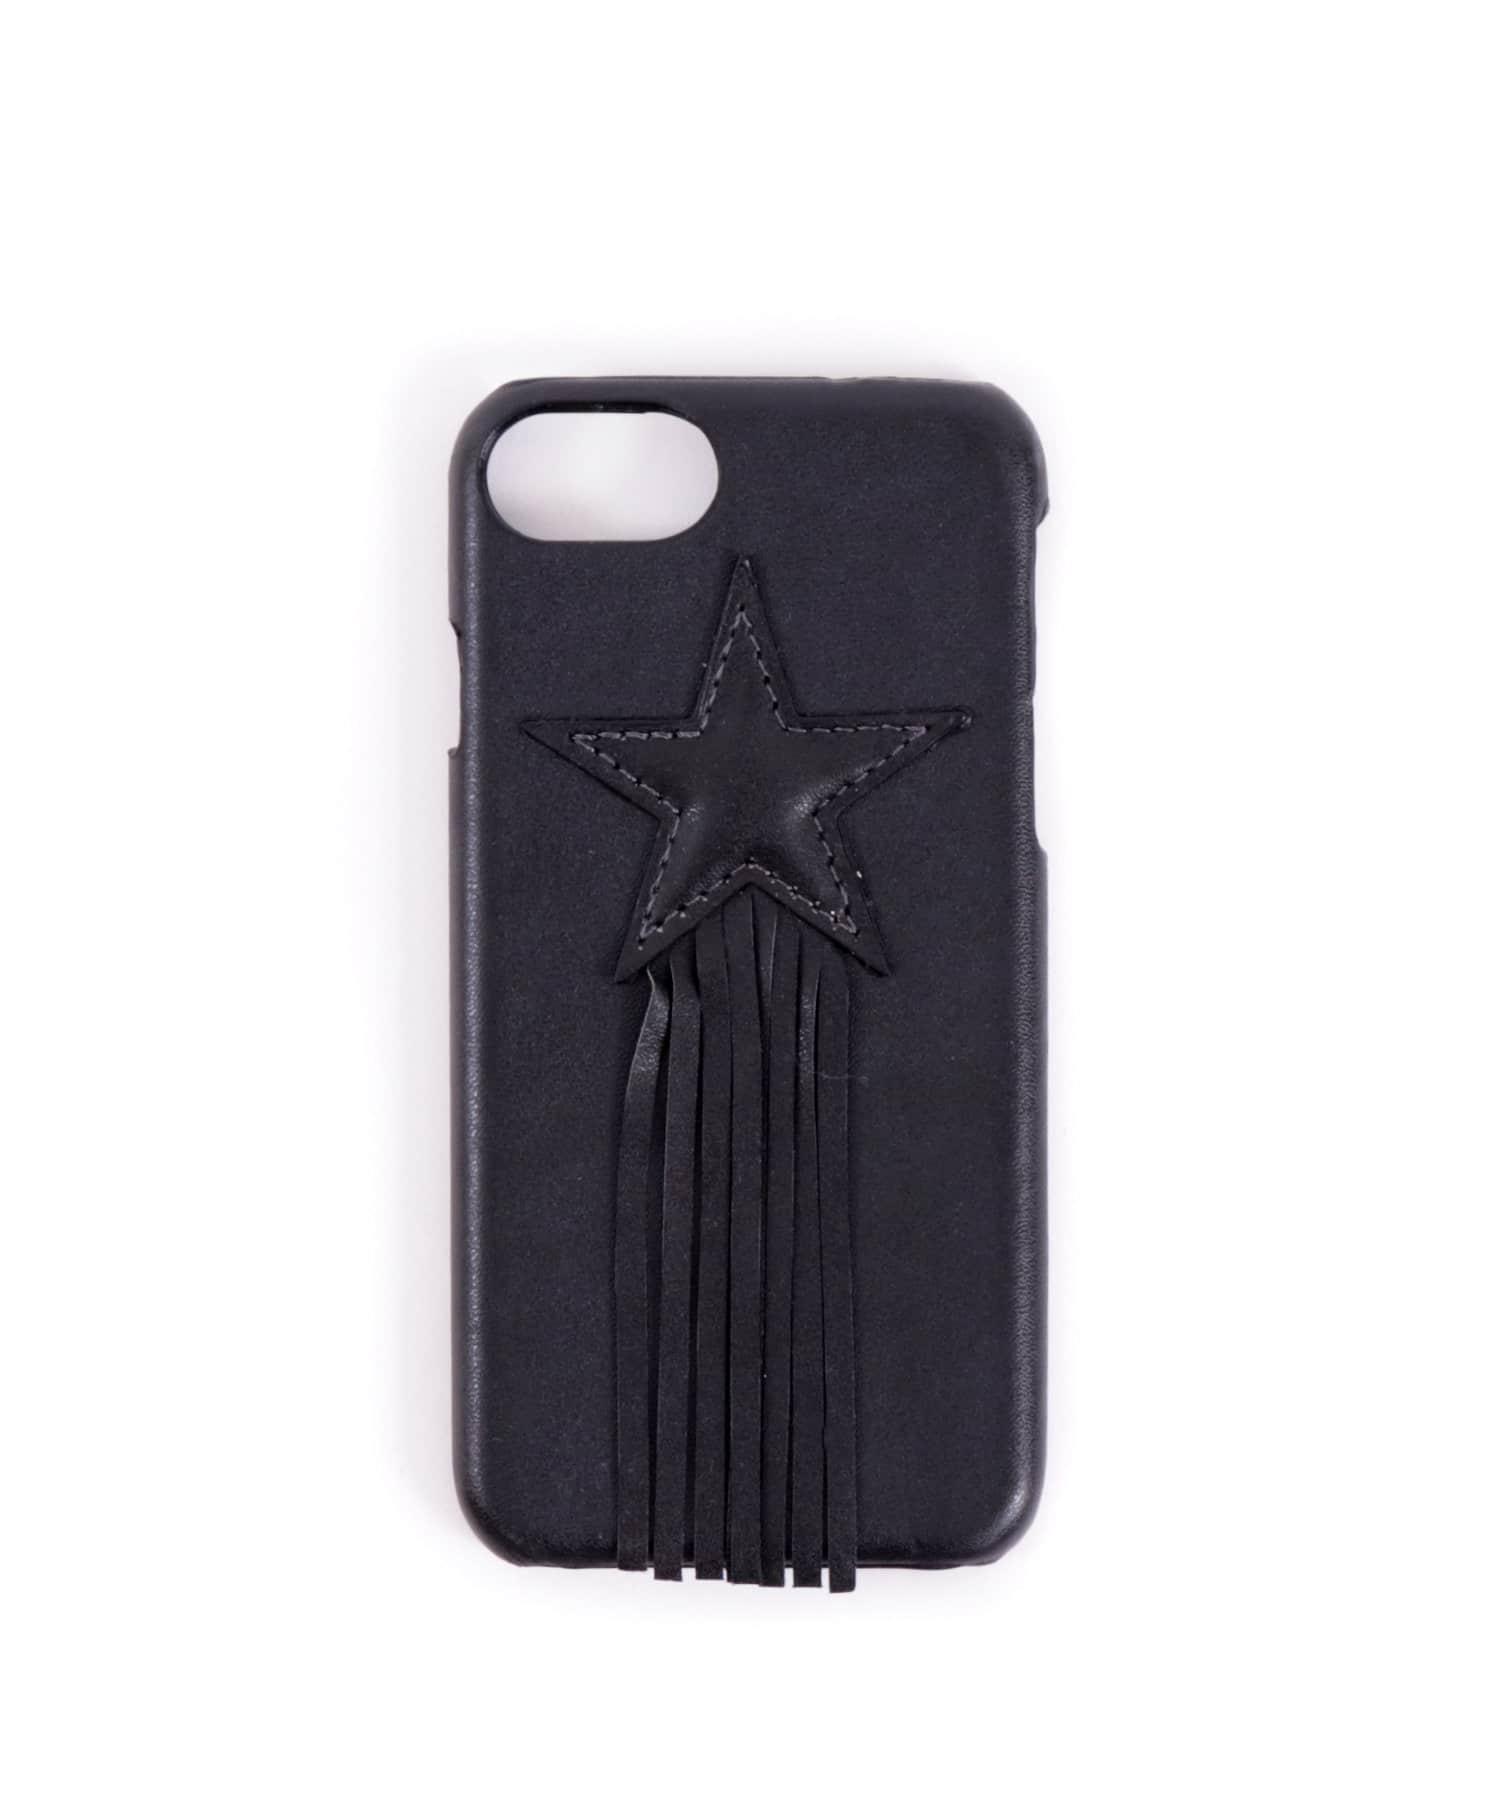 ASOKO(アソコ) ASOKO(アソコ) スターフリンジiPhone7・8 ケース ブラック